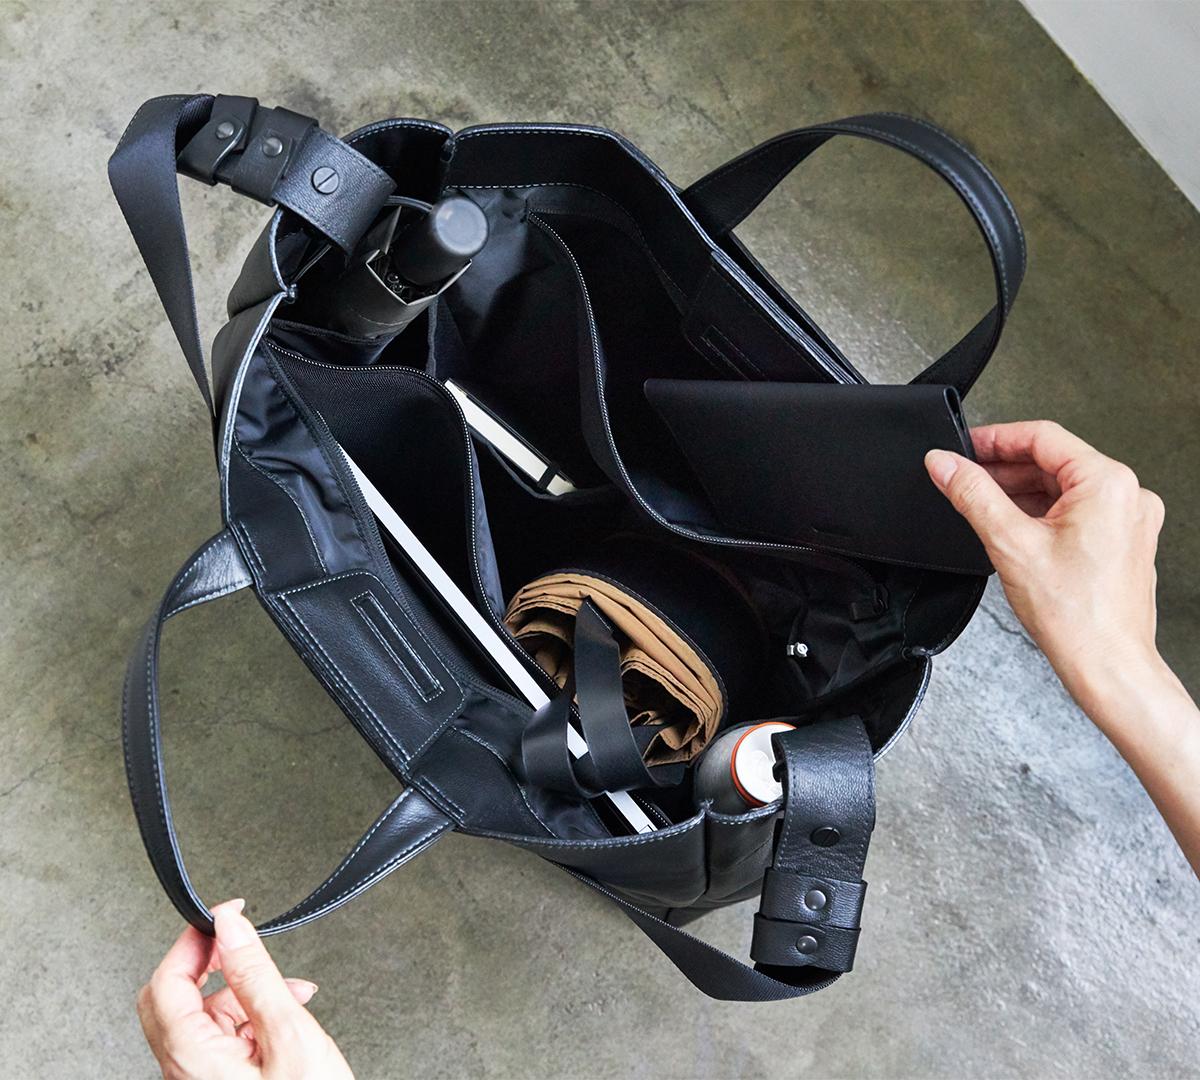 整理整頓しやすい仕切り・ポケット構造|防水レザー、超軽量、直感ポケット付きの日本製レザーバッグ|PCバッグ・トートバッグ・リュック・バックパック|FARO(ファーロ)